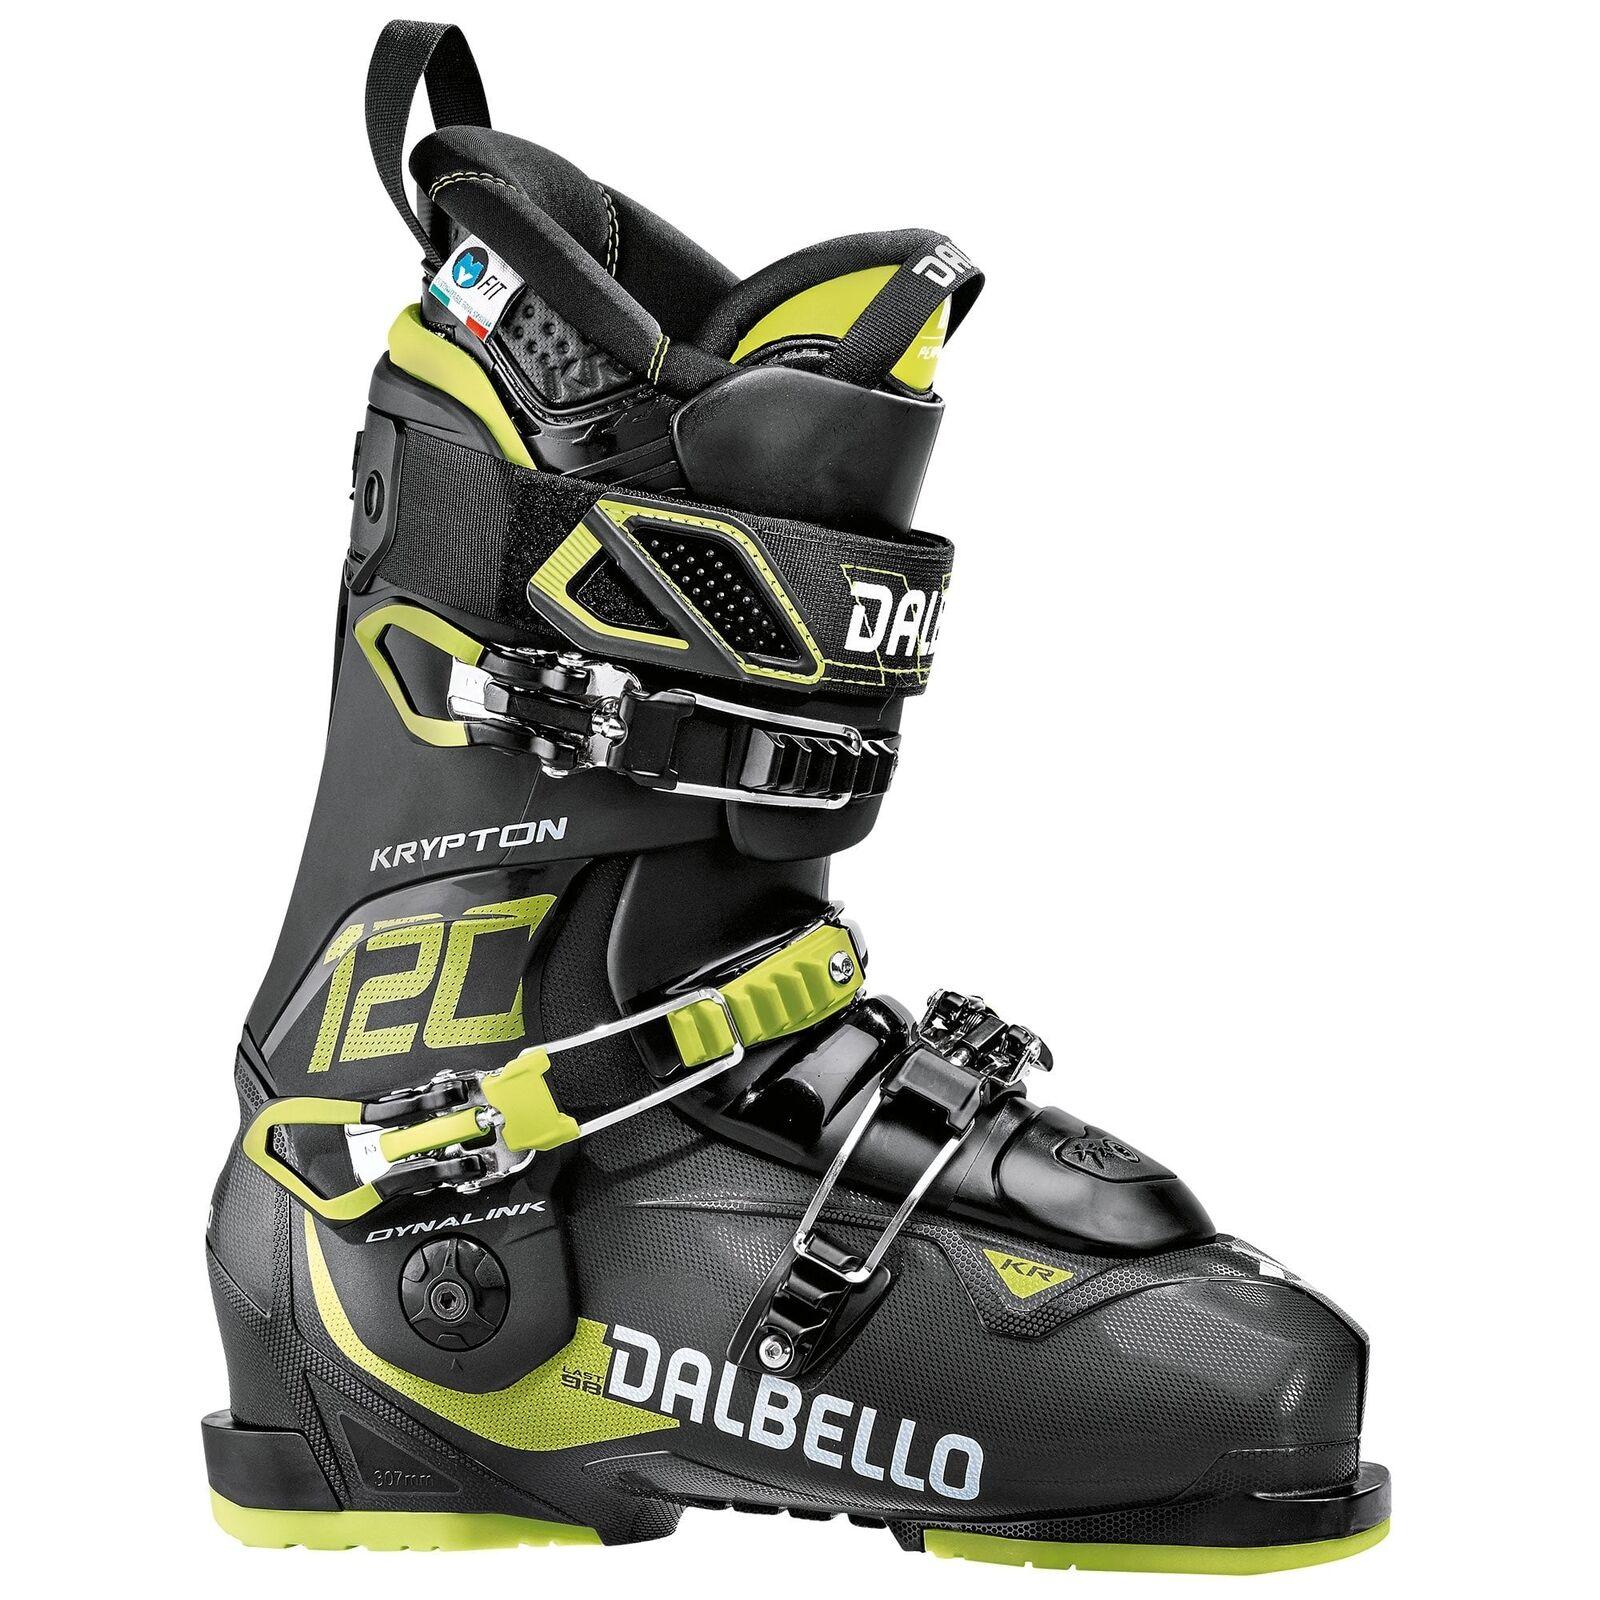 Dalbello Stiefel Krypton 120 Ski Stiefel Dalbello 072fda